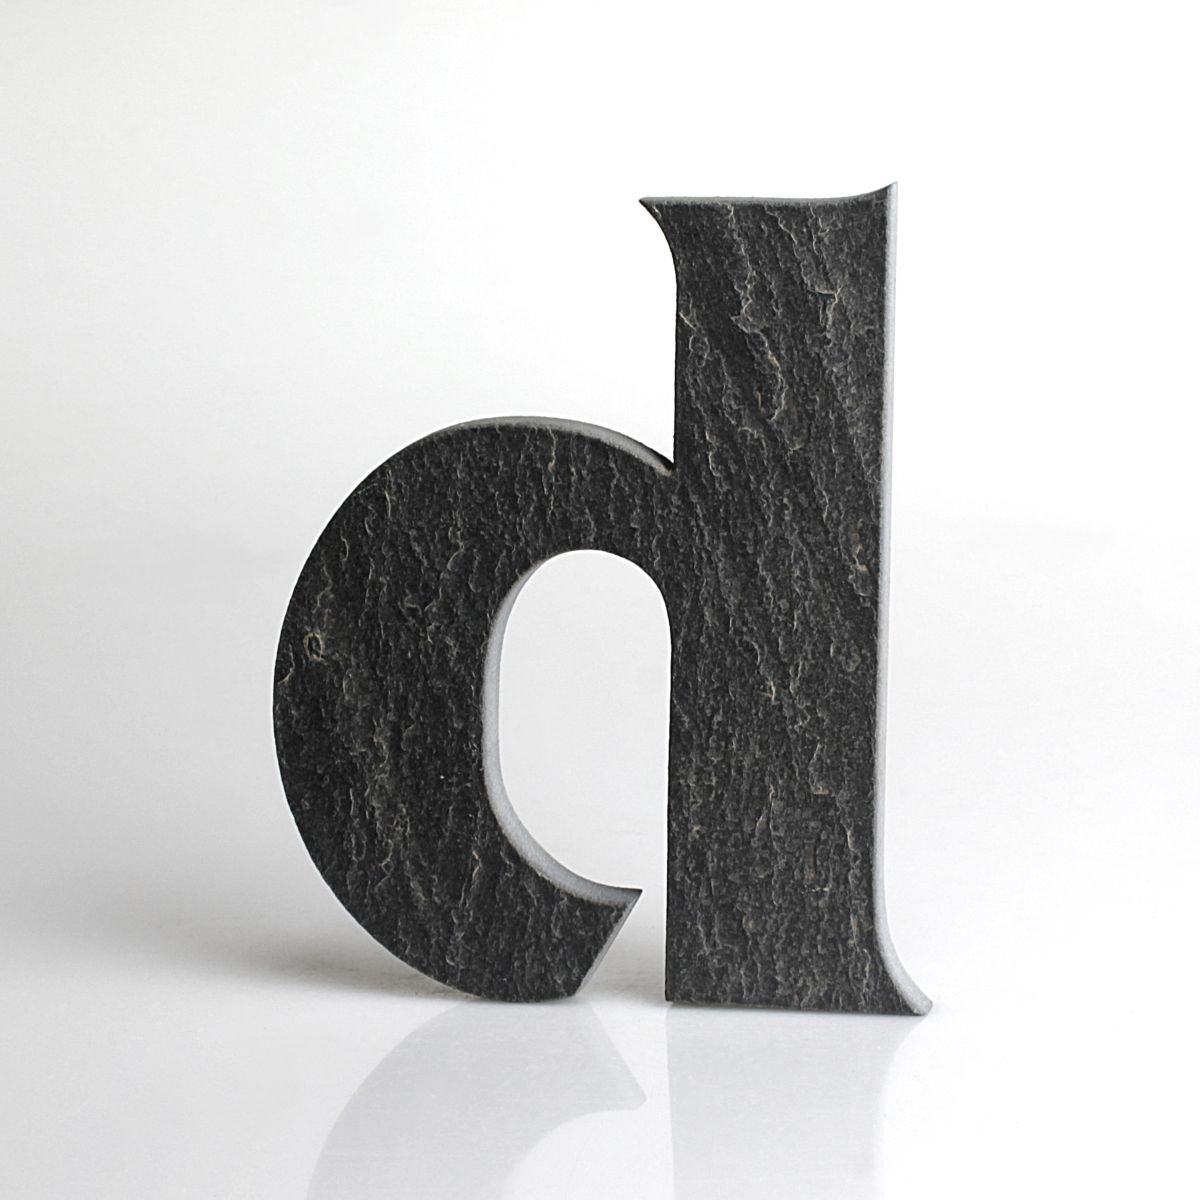 """Domovní číslo popisné Břidlice - písmeno """"d"""""""